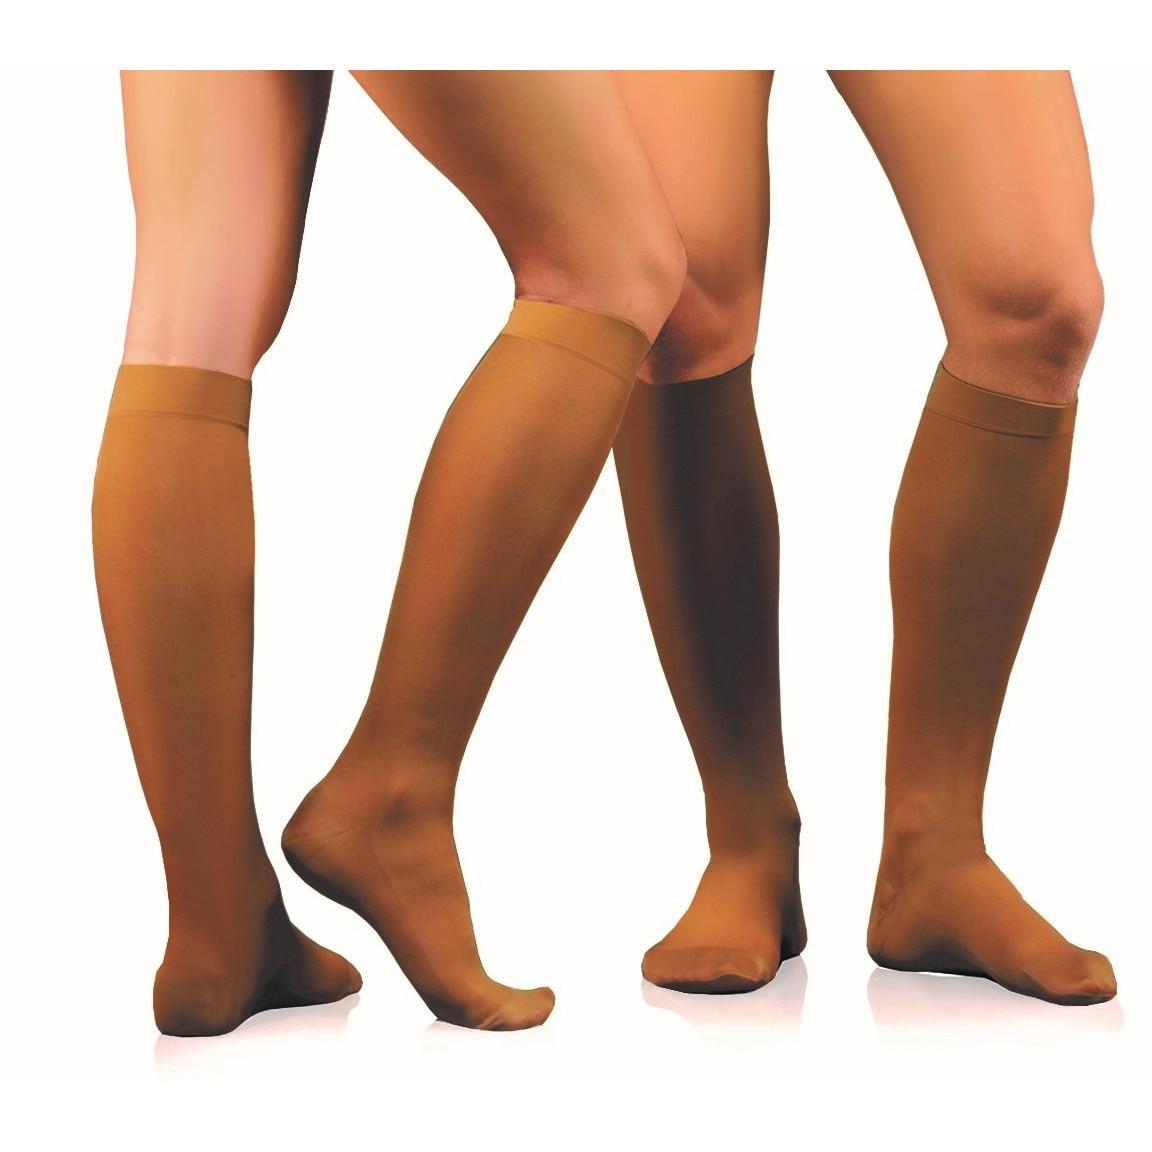 folosirea piciorului de compresie